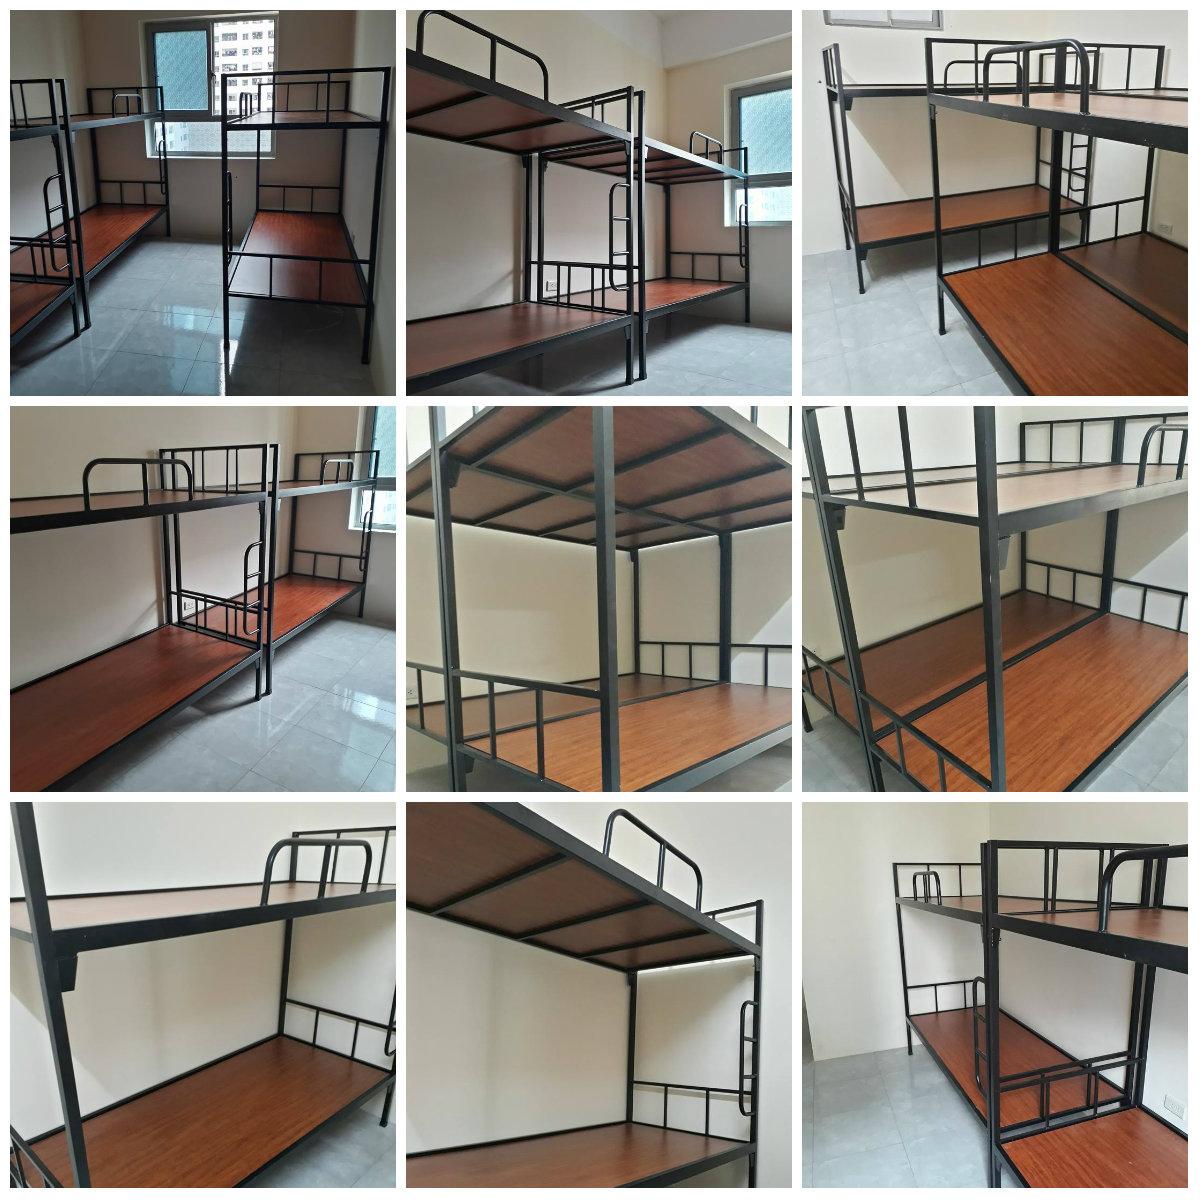 Chuyên sản xuất giường tầng sắt, giường tầng inox trường học,khu lưu trú,nhà ở công nhân viên giá rẻ